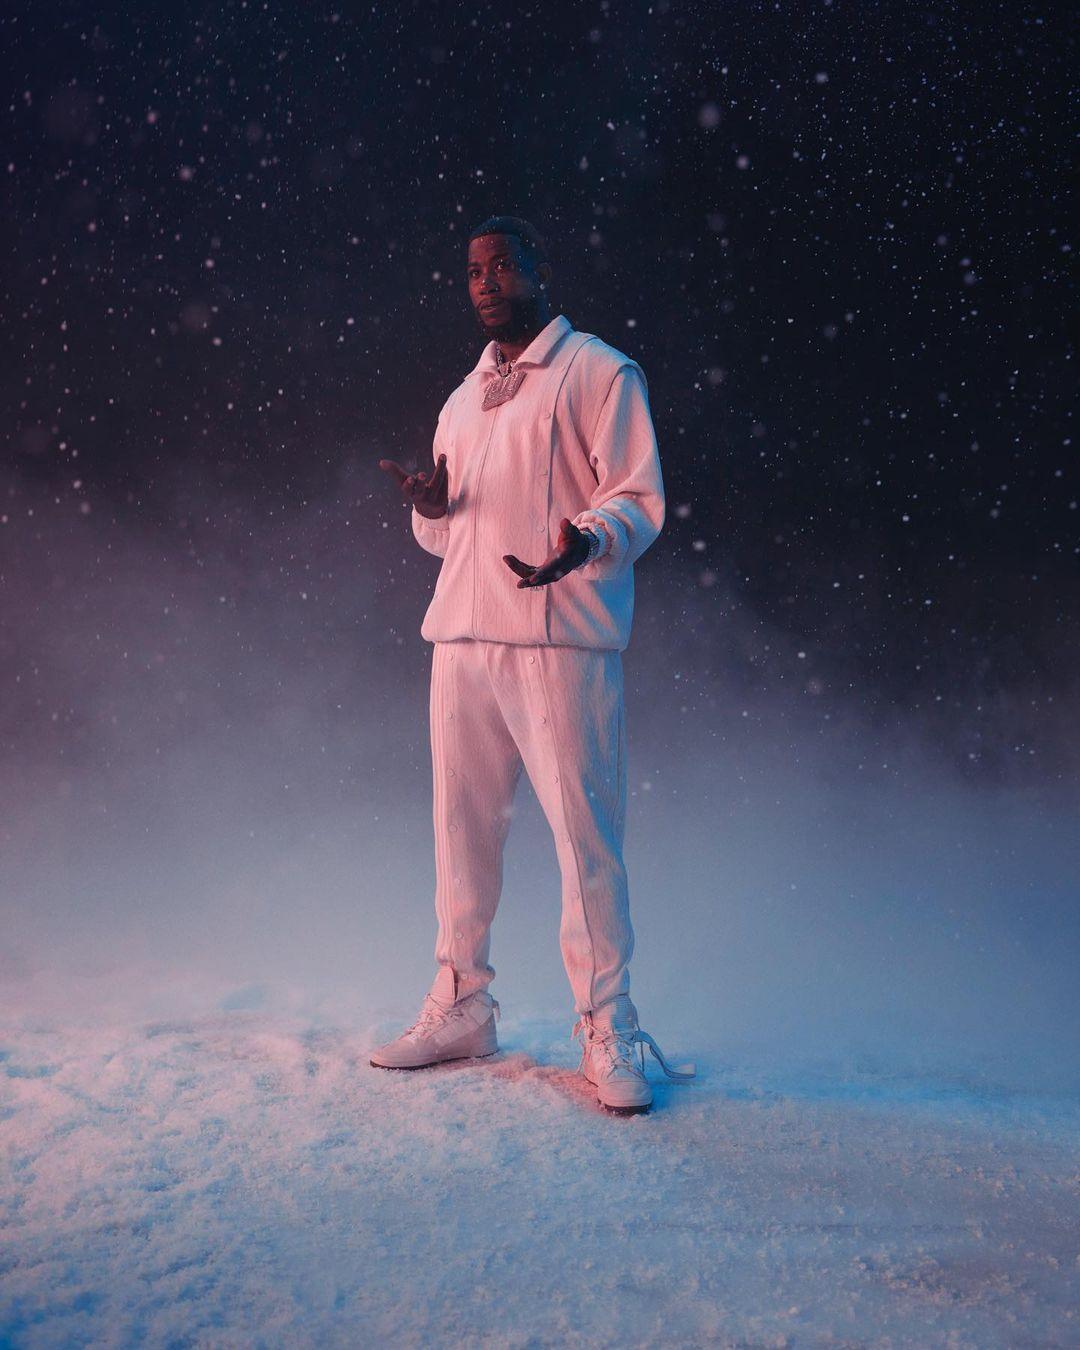 Хейли Бибер и Gucci Mane снялись в новом кампейне Бейонсе и adidas